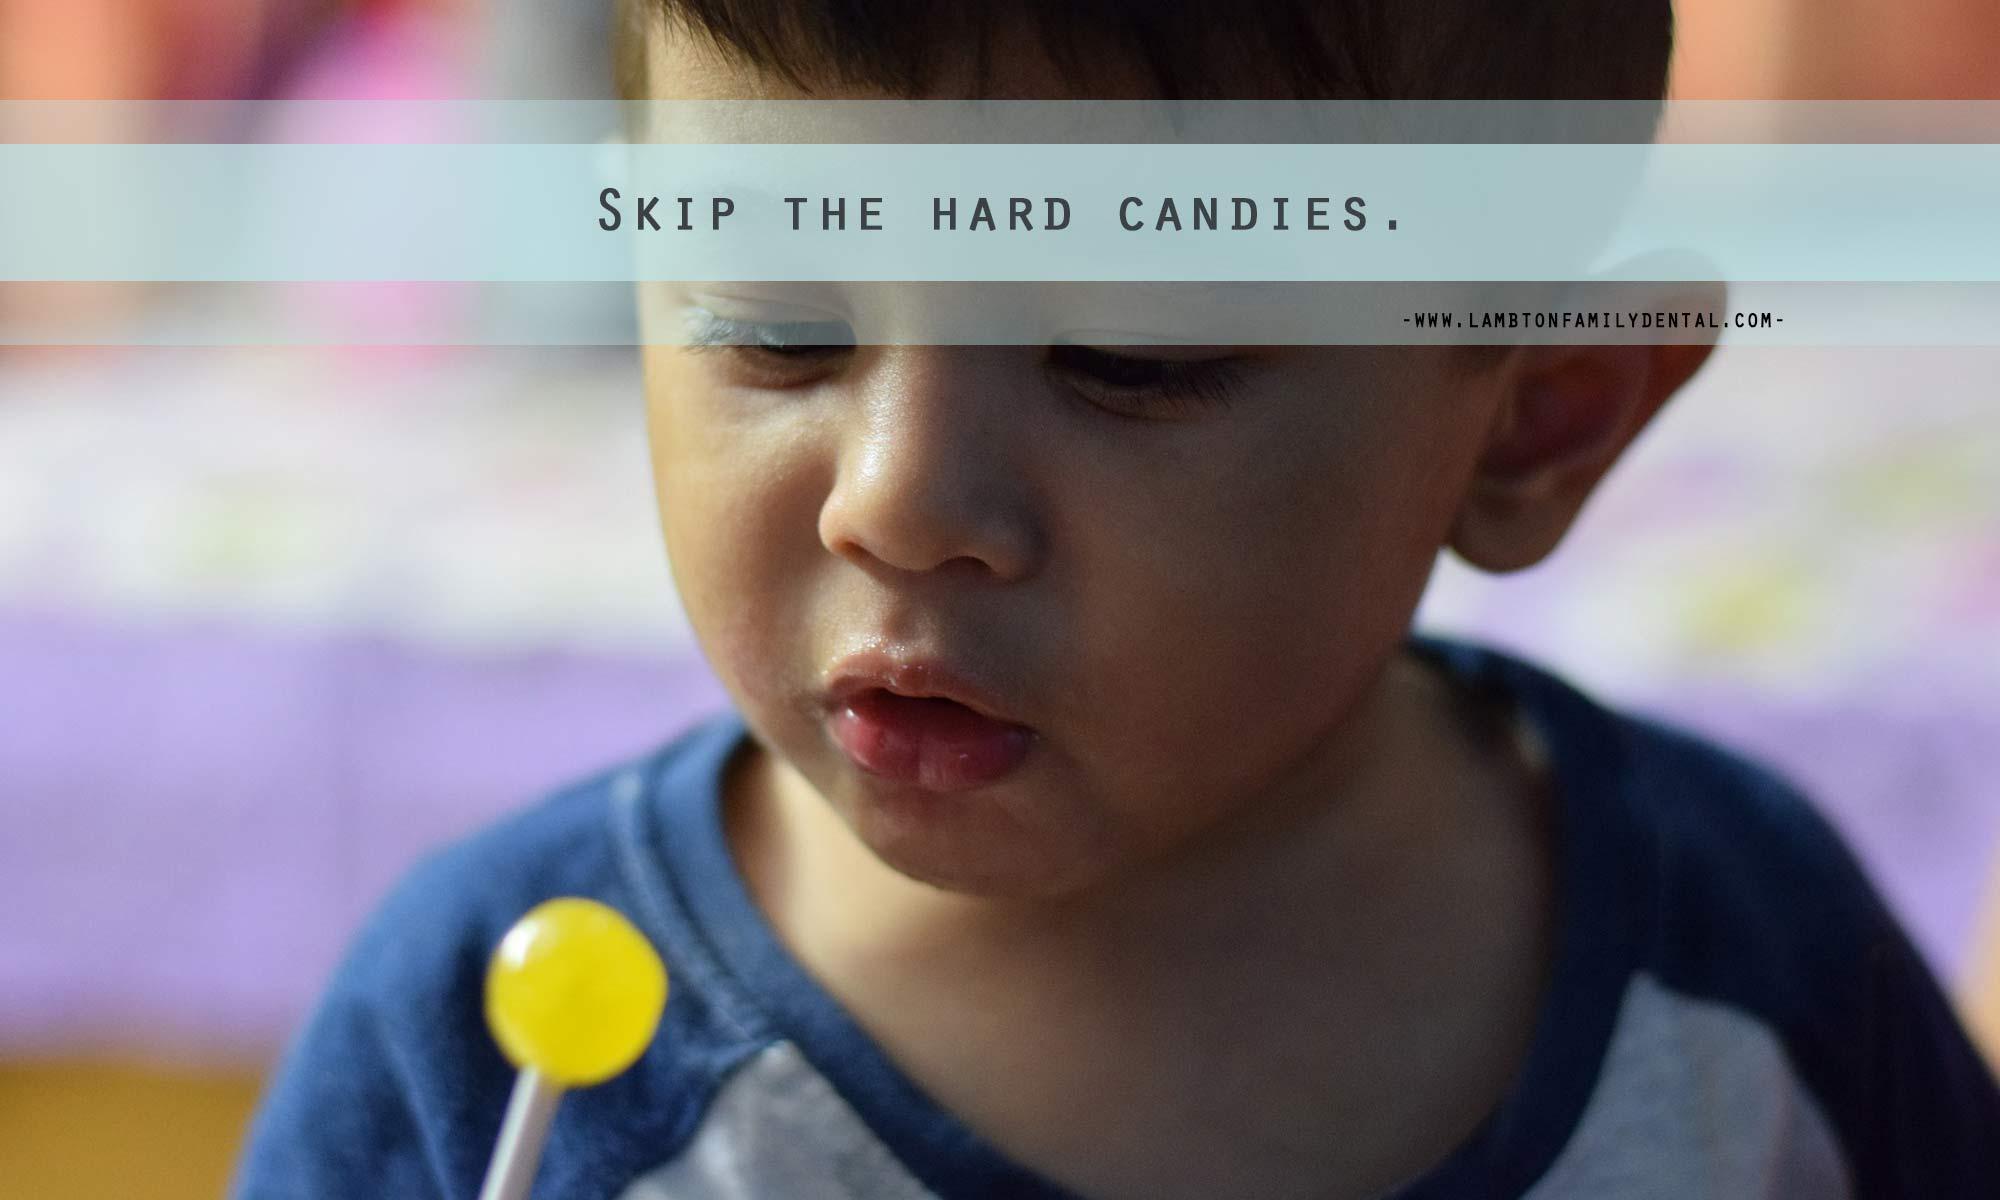 Skip the hard candies